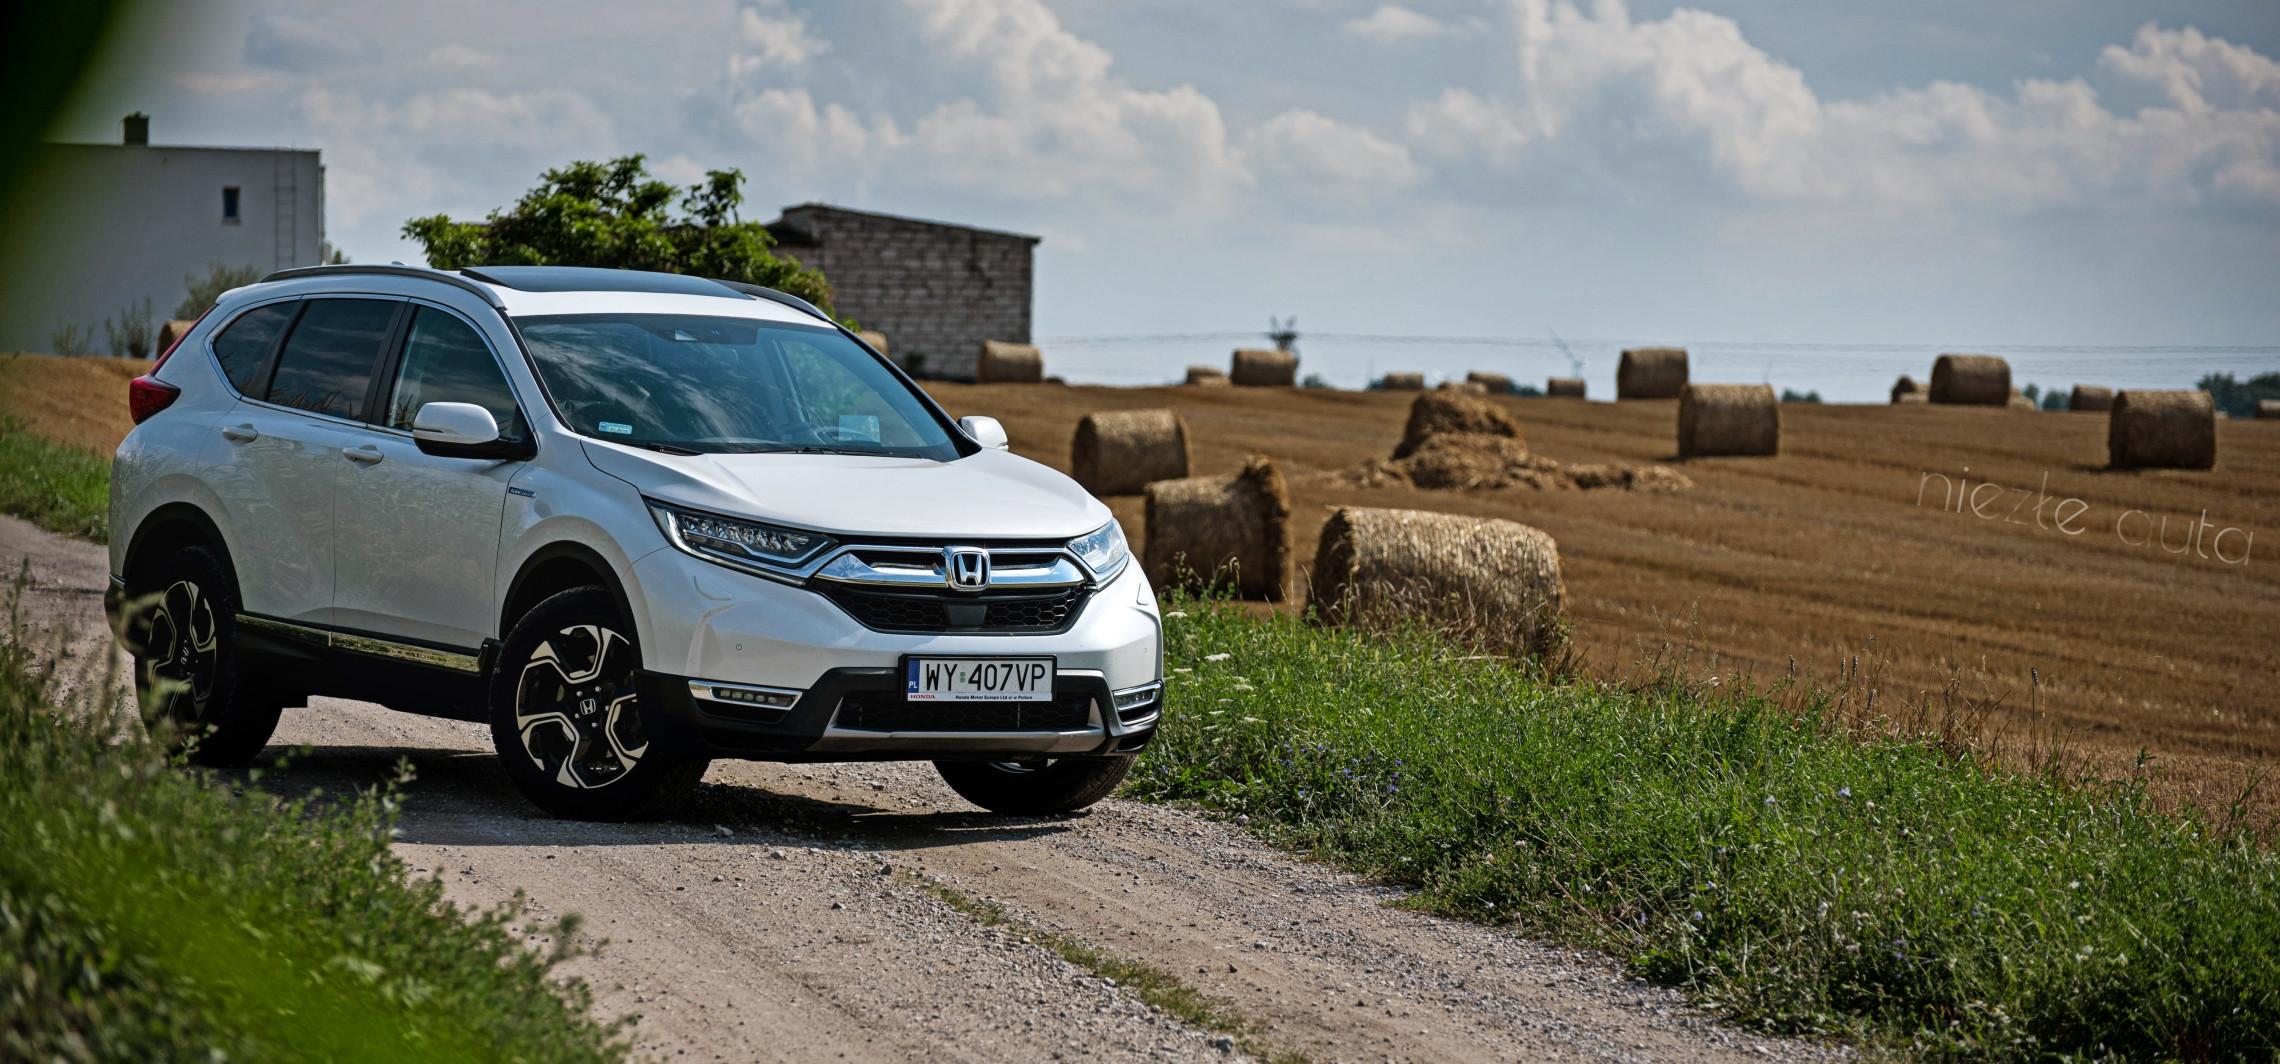 Test: Honda CR-V - hybryda, jakich mało